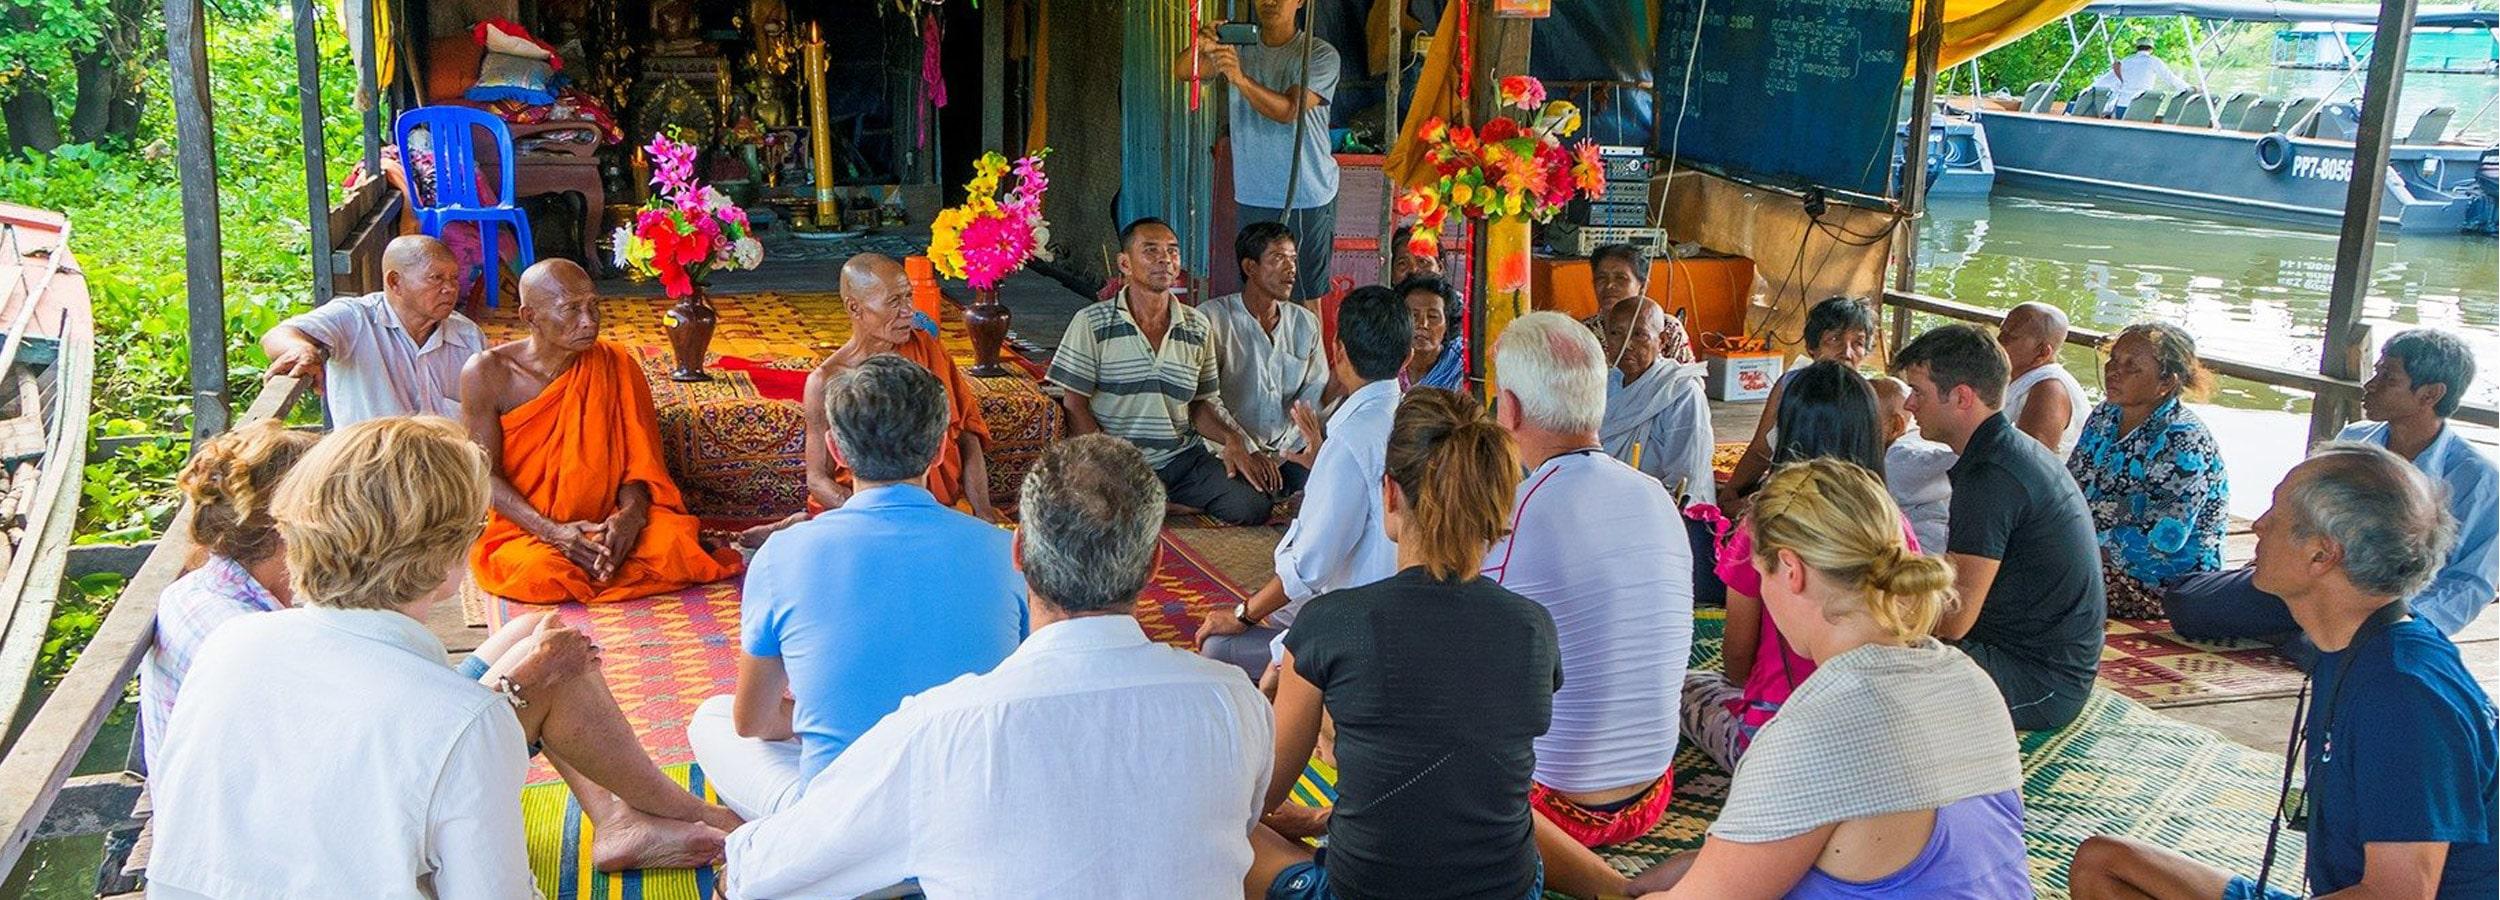 Hautnah in das Leben am Mekong River eintauchen - OceanEvent inszeniert einzigartige Rahmenprogramme für Ihr Flusskreuzfahrt-Incentive.